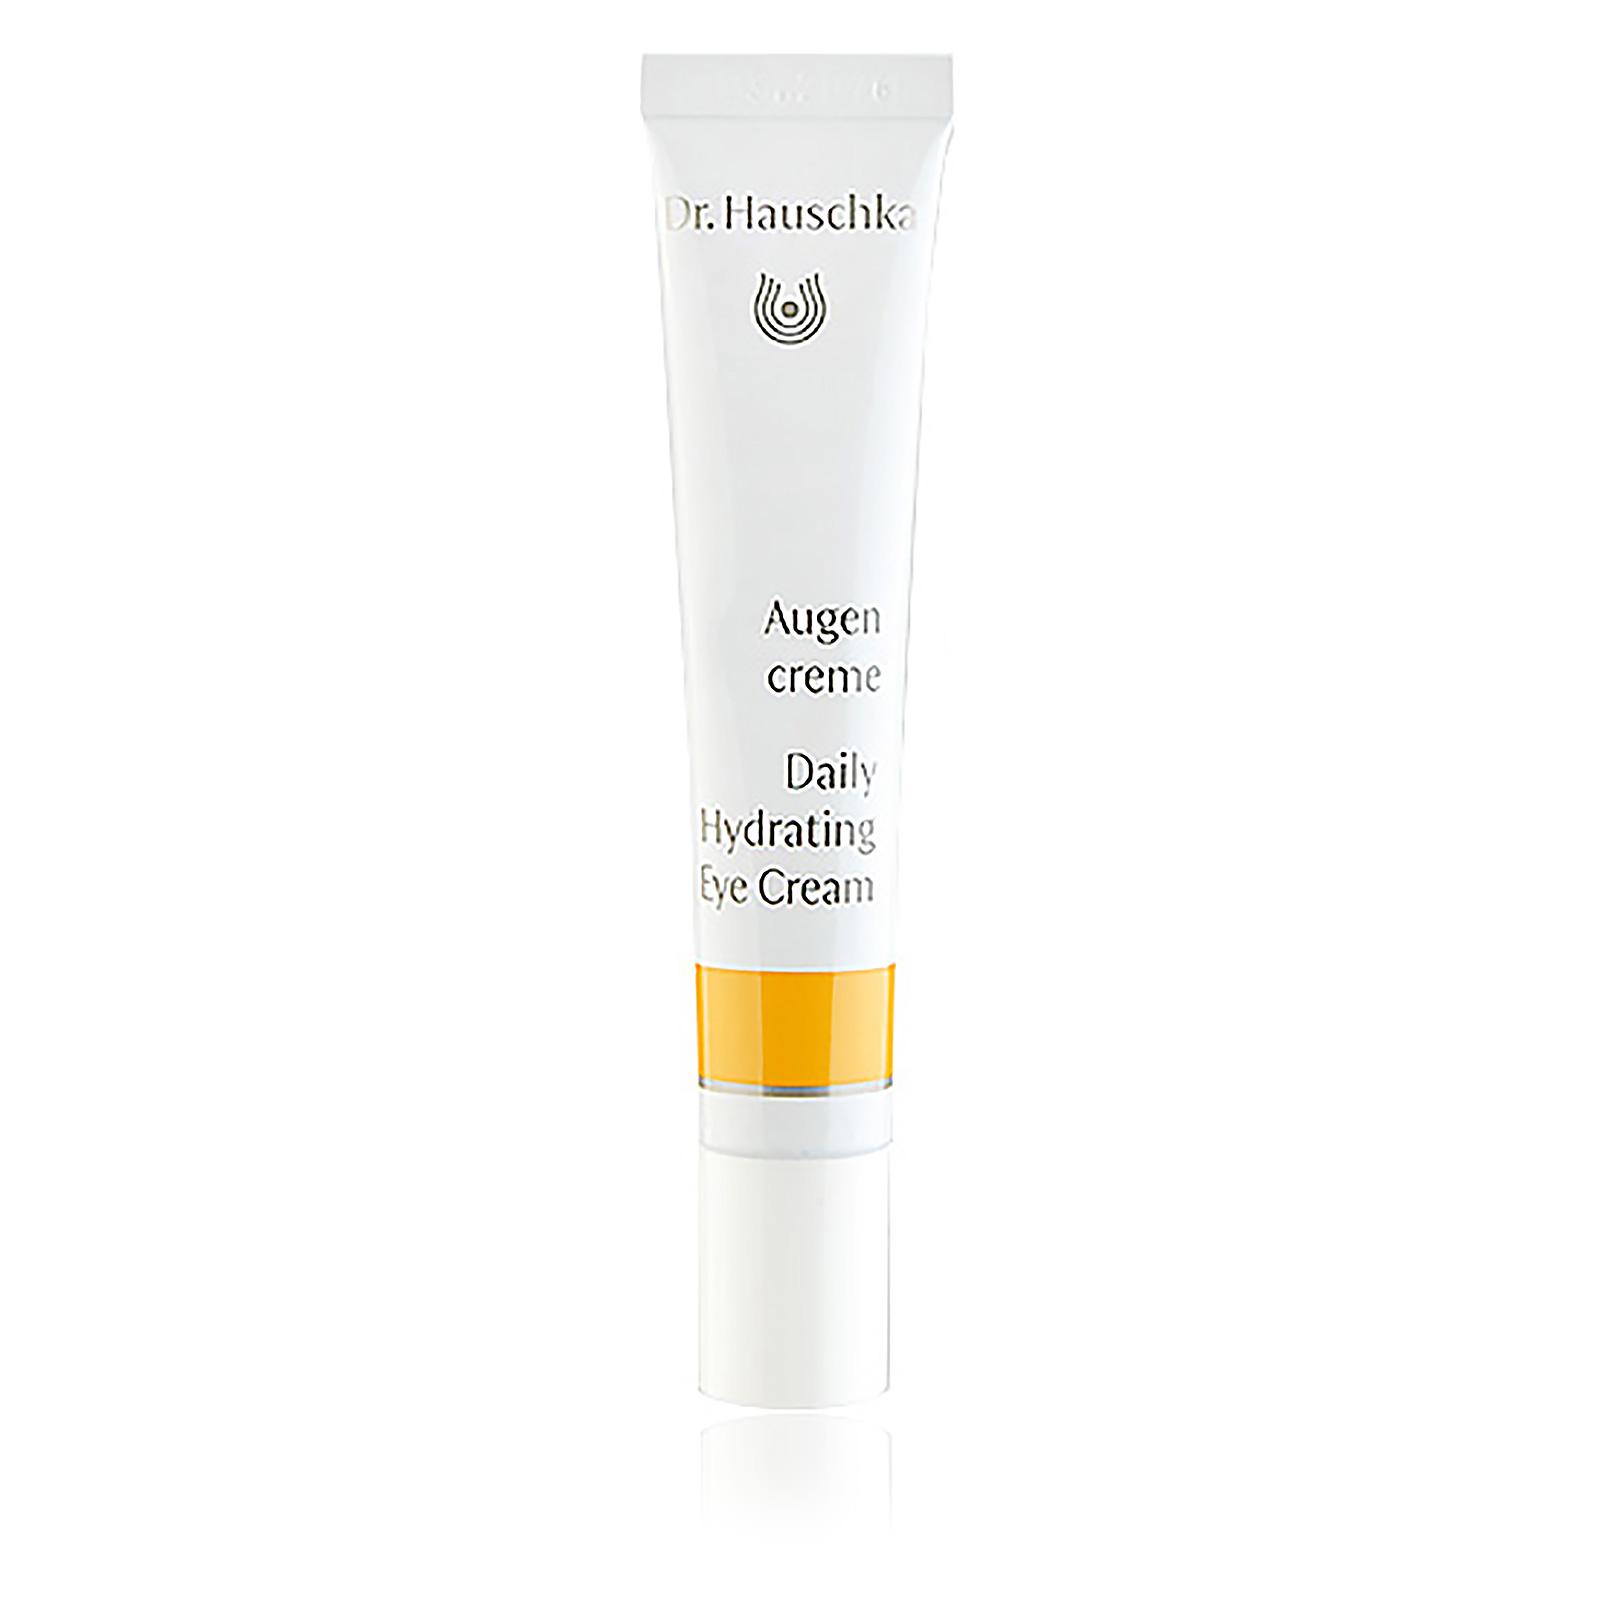 Daily Hydrating Eye Cream